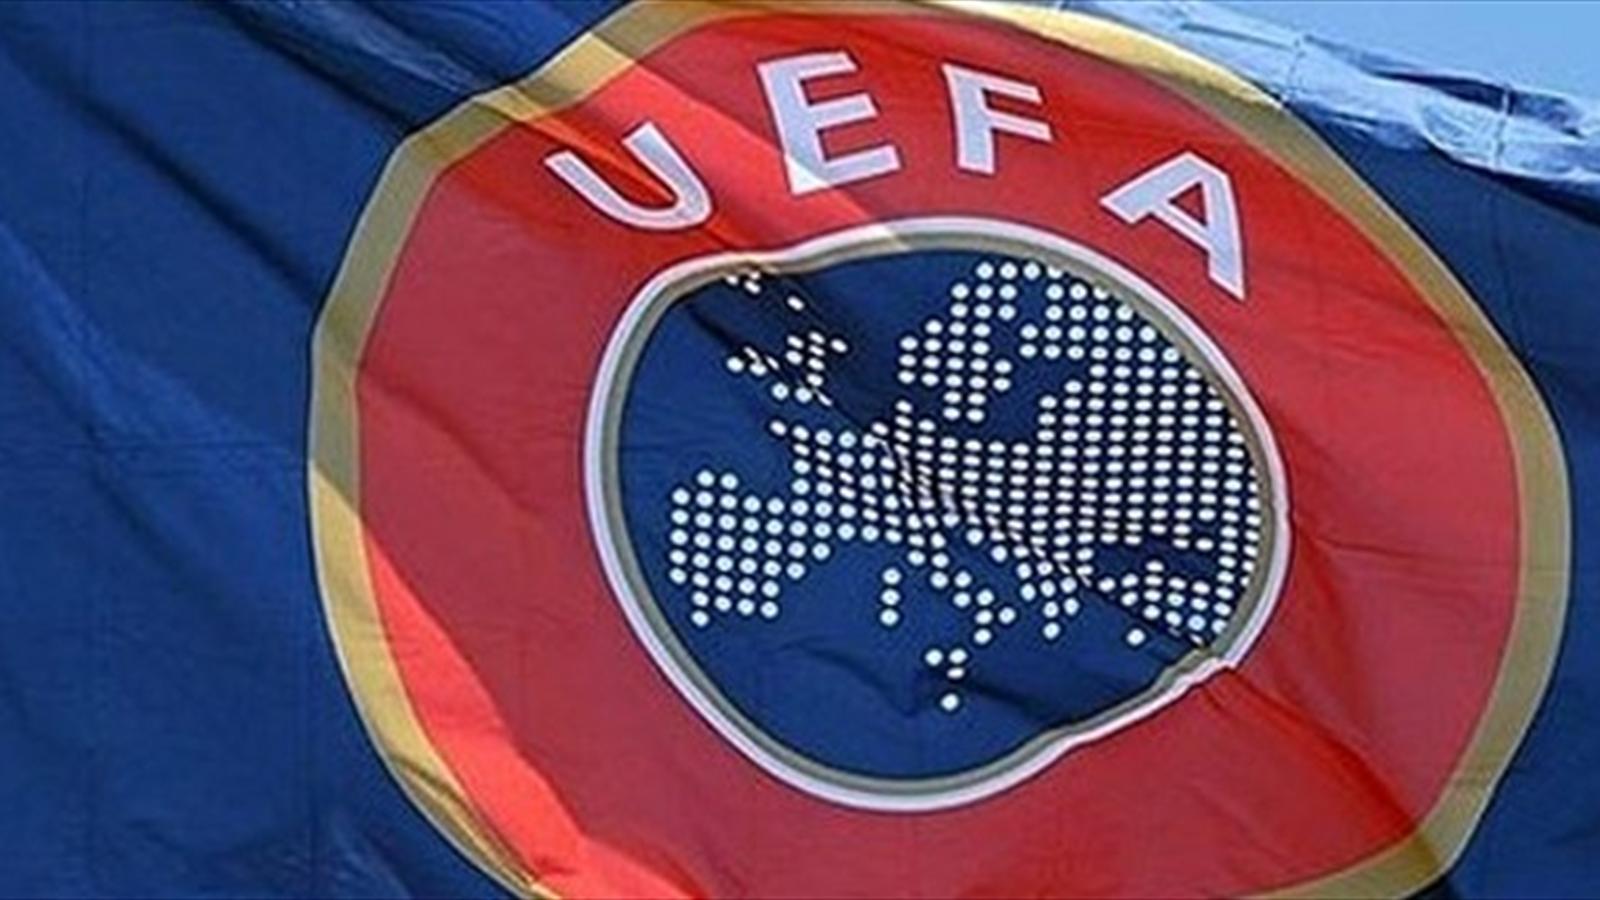 Le PSG risque encore une sanction de l'UEFA s'il ne vend pas assez dans les prochaines semaines, rappelle L'Equipe